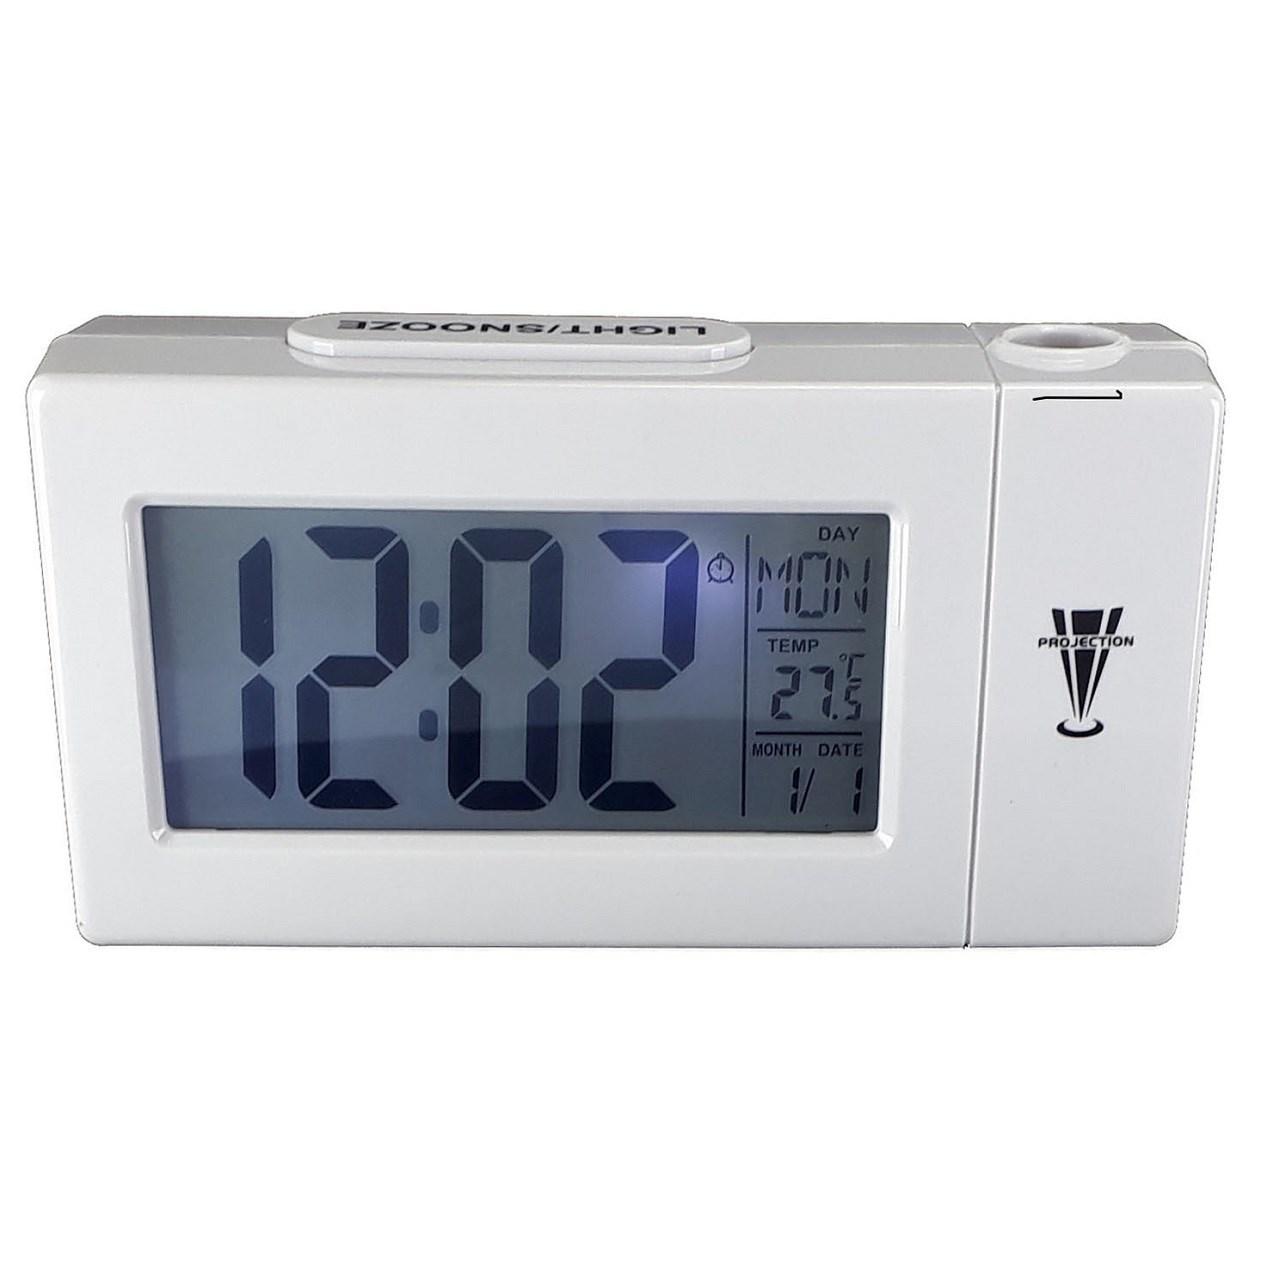 خرید ساعت رومیزی پروجکشن مدل DS-618